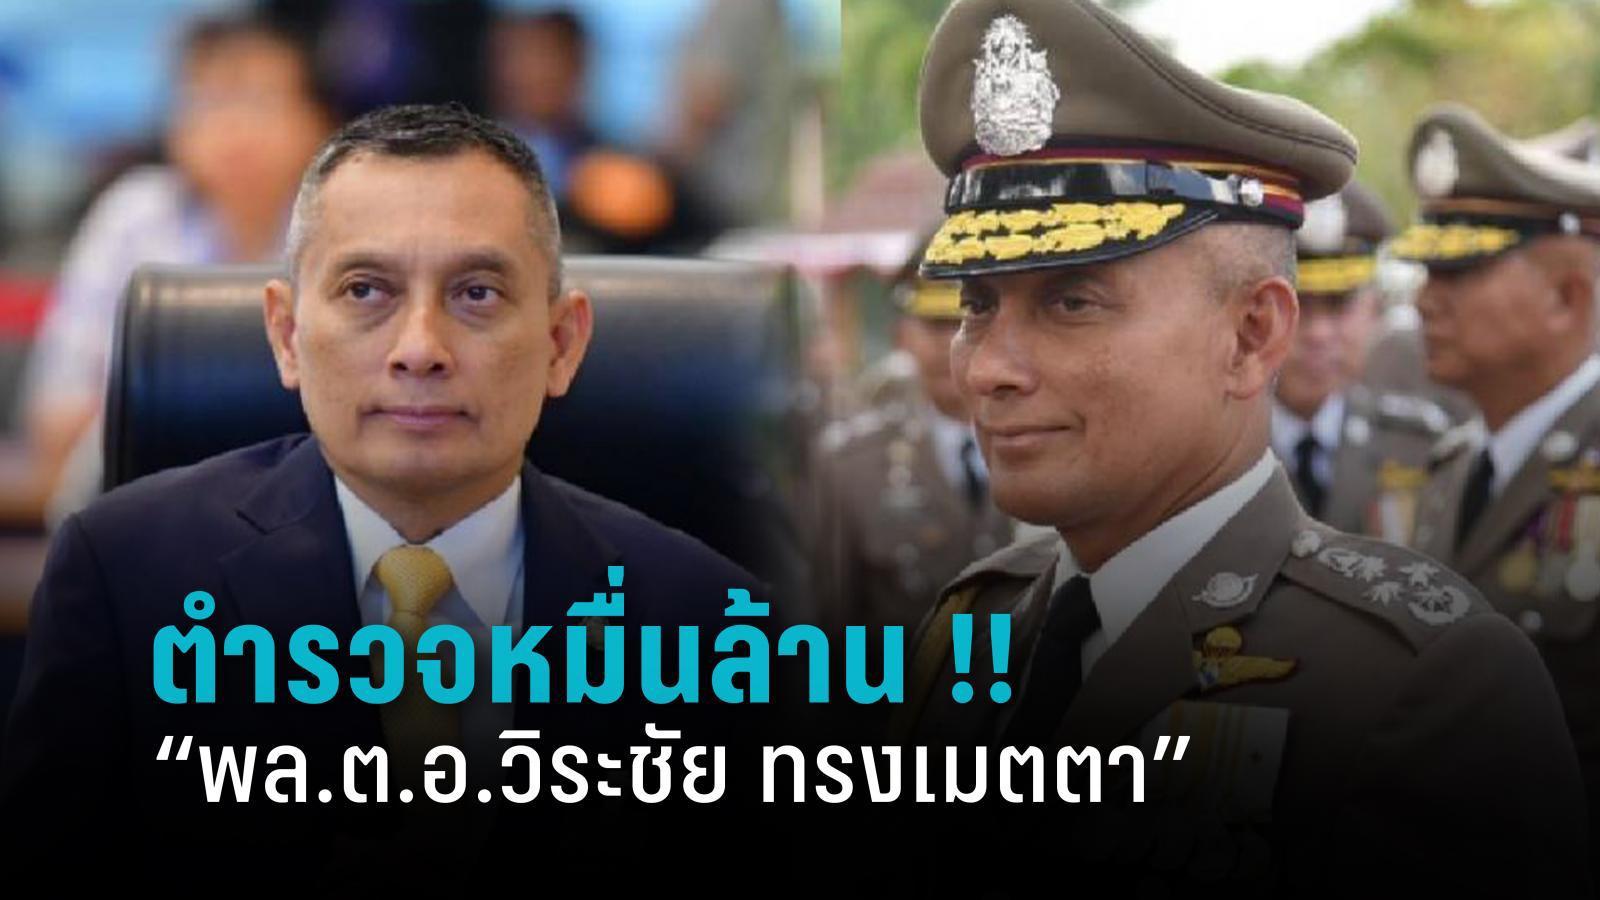 ประวัติ  'วิระชัย ทรงเมตตา' ตำรวจหมื่นล้าน ติดทำเนียบเศรษฐีไทย